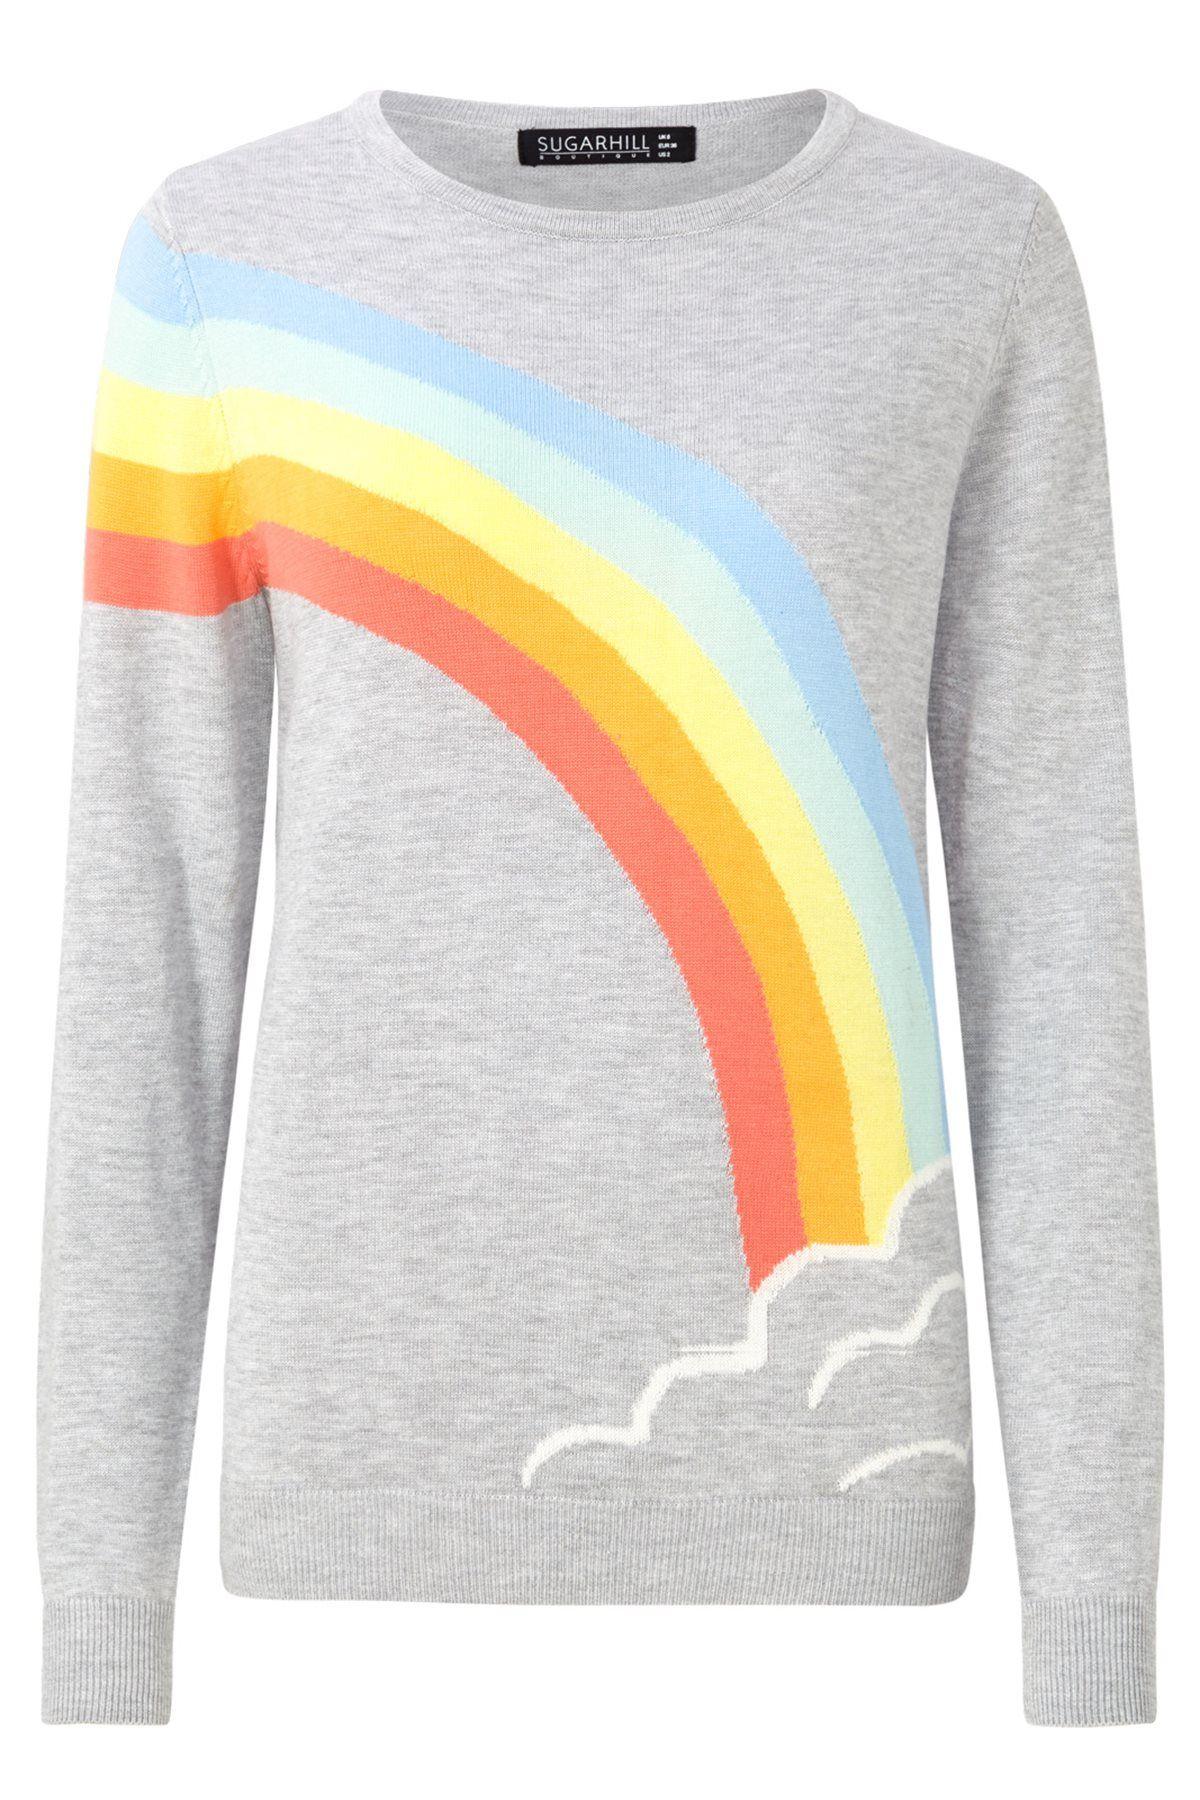 Nita Rainbow & Cloud Jumper Grey Marl / Rainbow £44.00